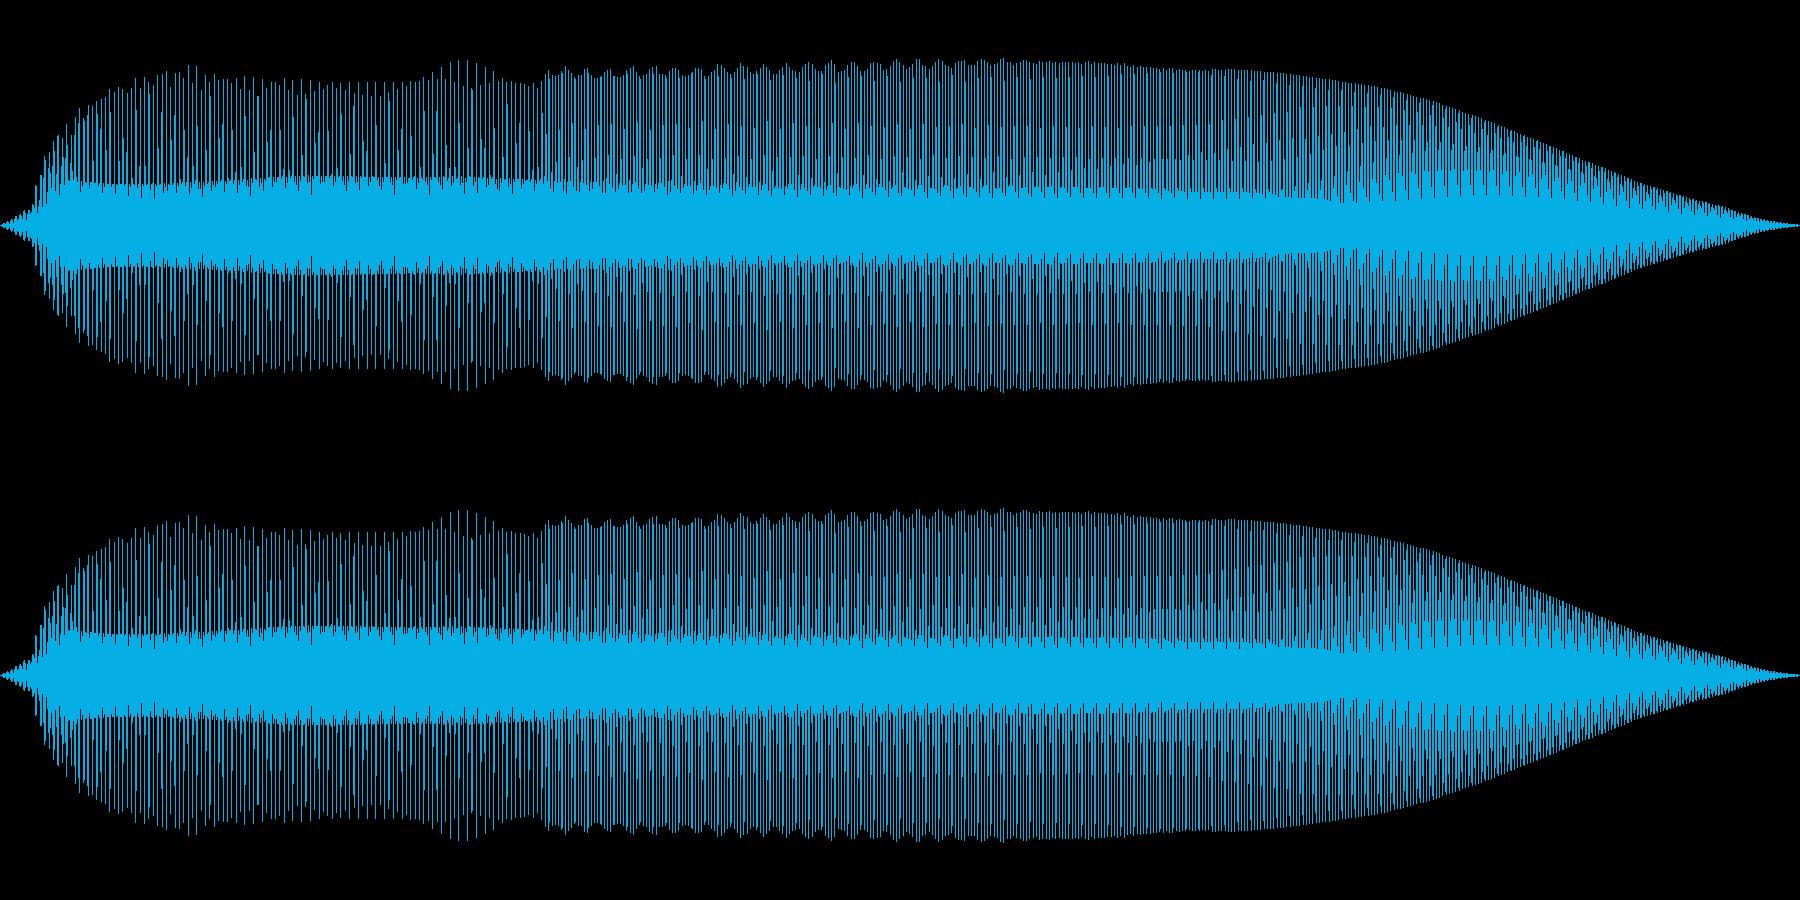 ピコッ(機械/ロボット/ボタン)の再生済みの波形